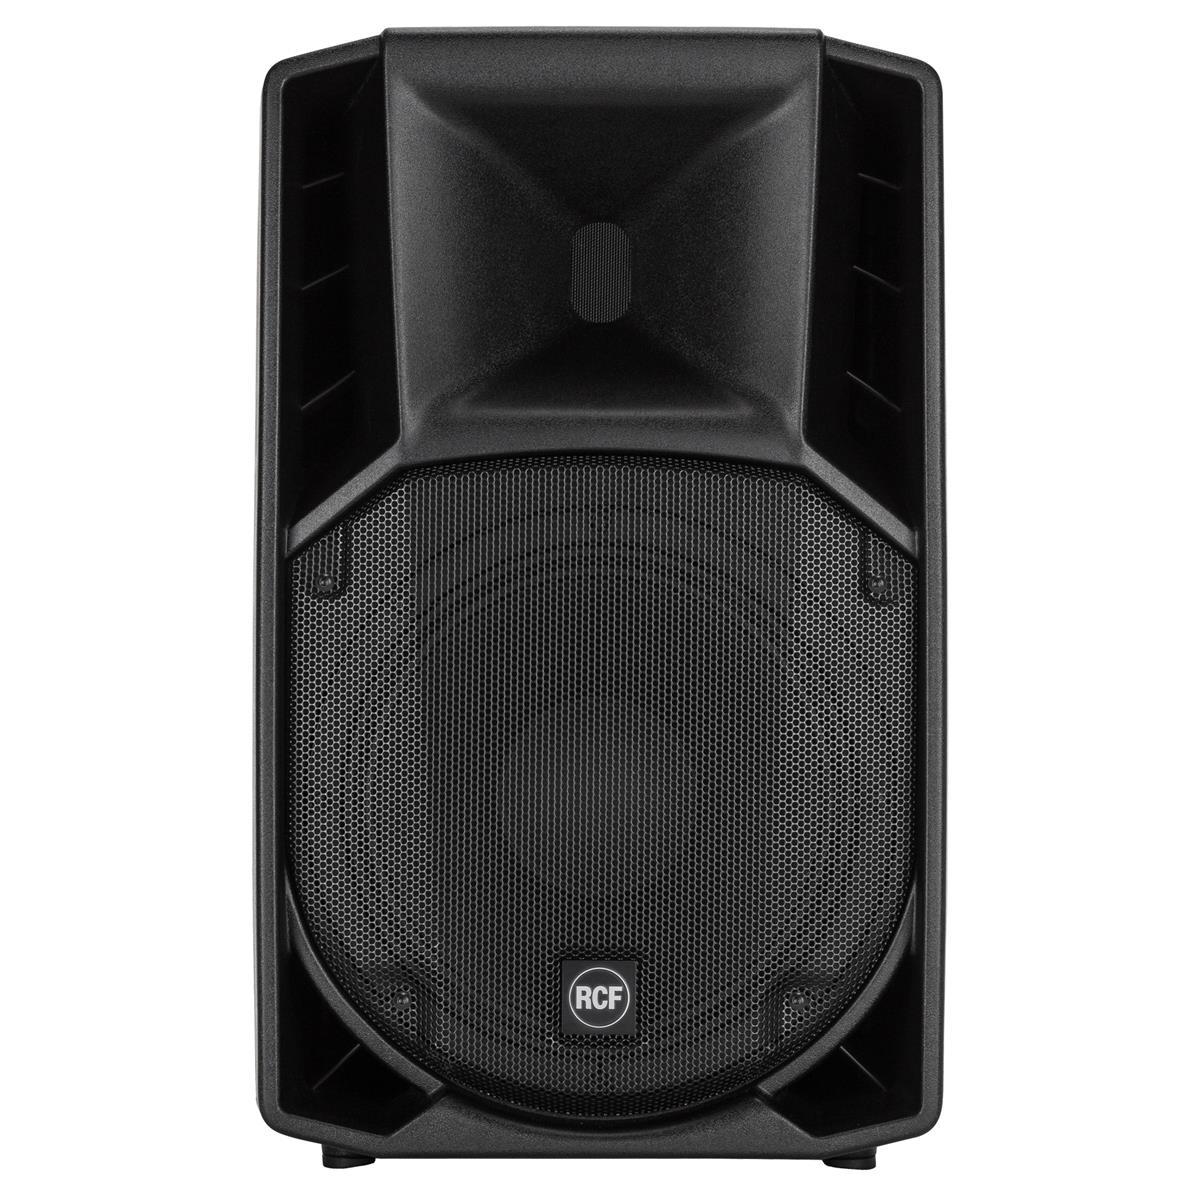 RCF ART 732-A MK4 Digital active speaker system 12in + 3in v